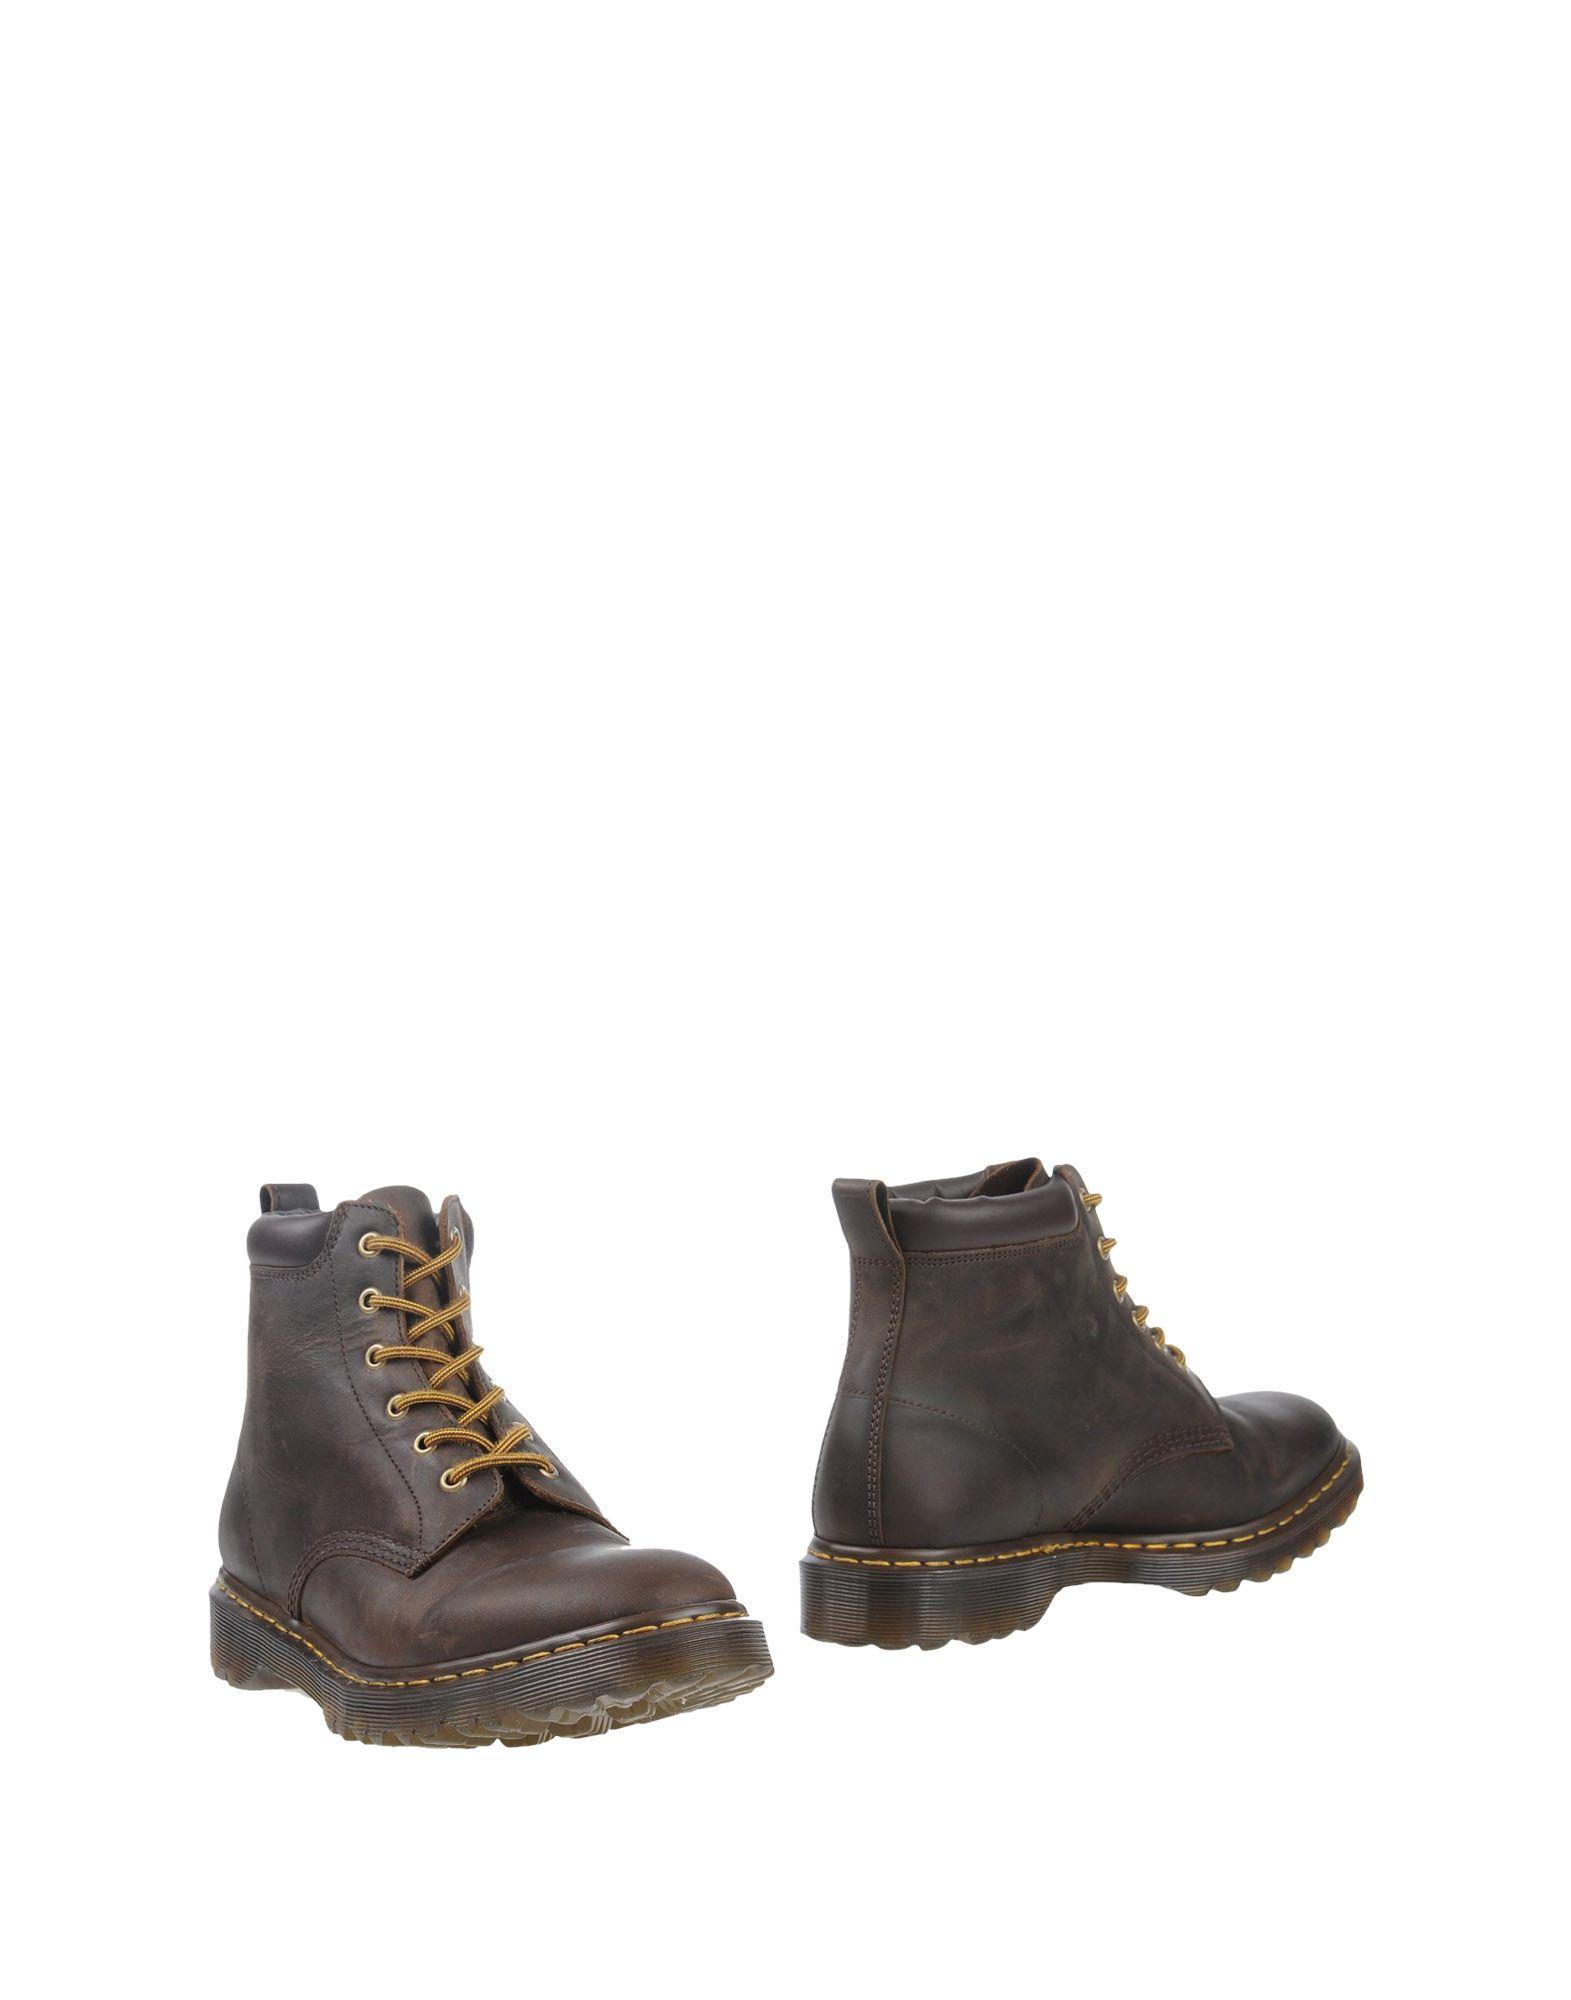 Rabatt echte Herren Schuhe Dr. Martens Stiefelette Herren echte 11068413VX 1bd073